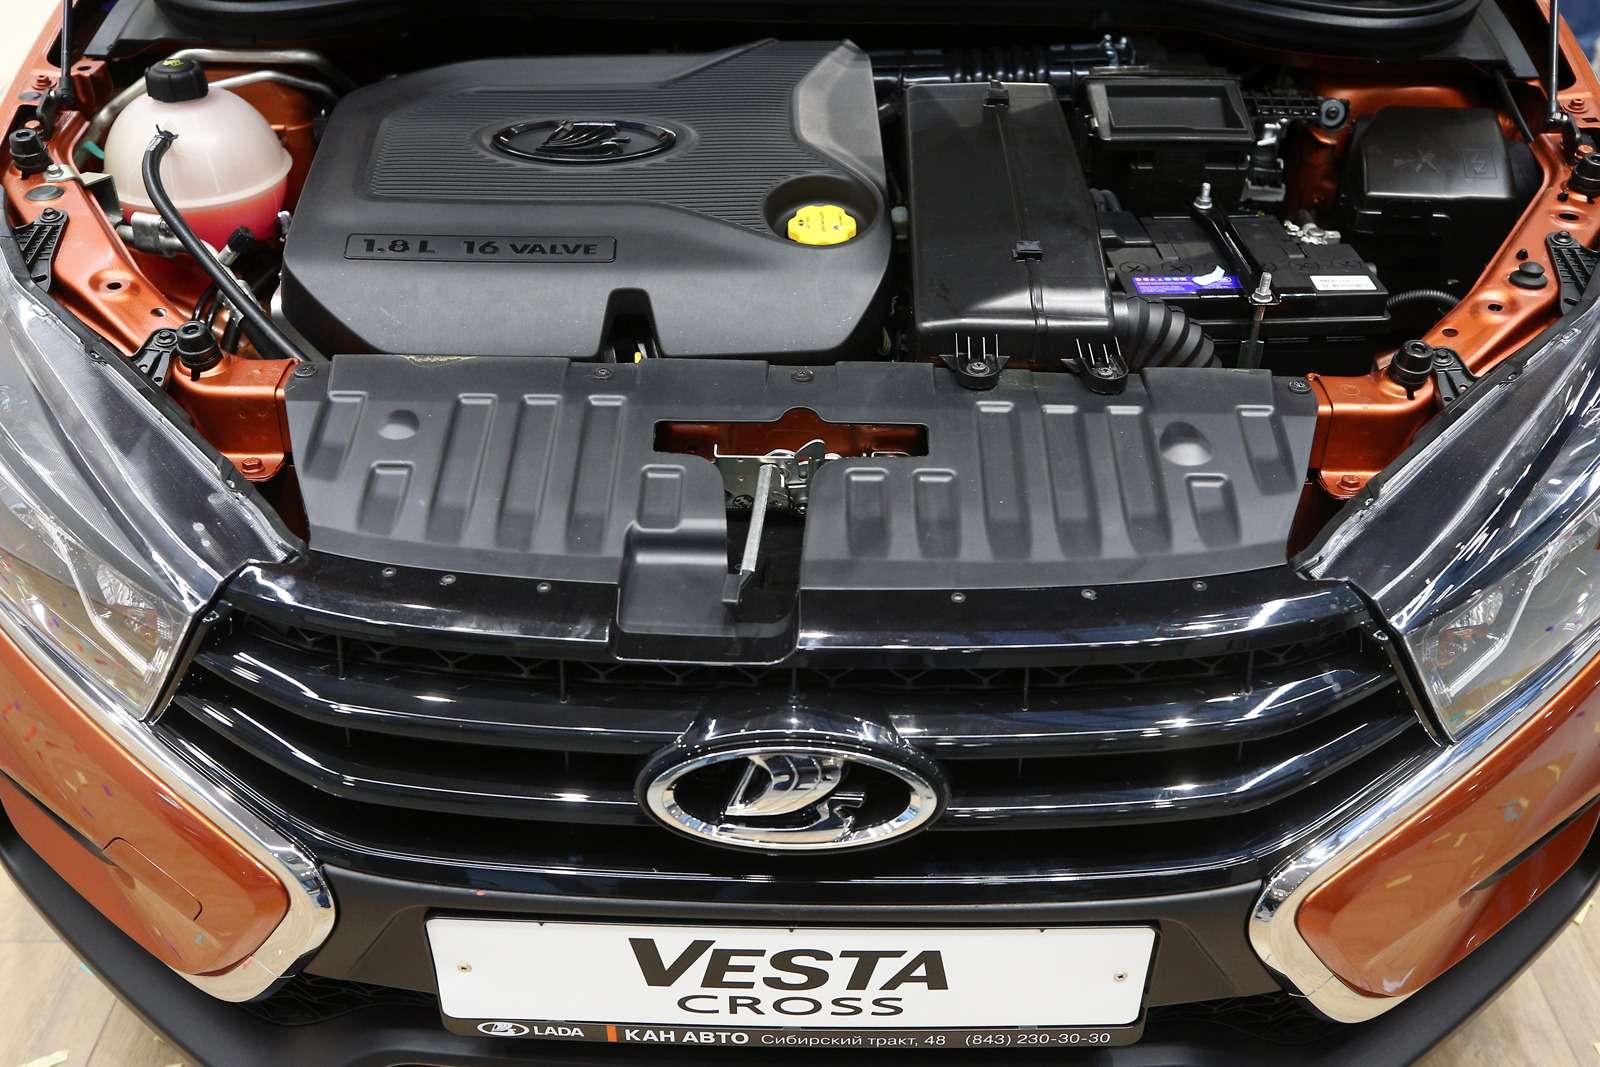 Своих денег не хватает: АВТОВАЗу нужны госсубсидии на разработку новых двигателей